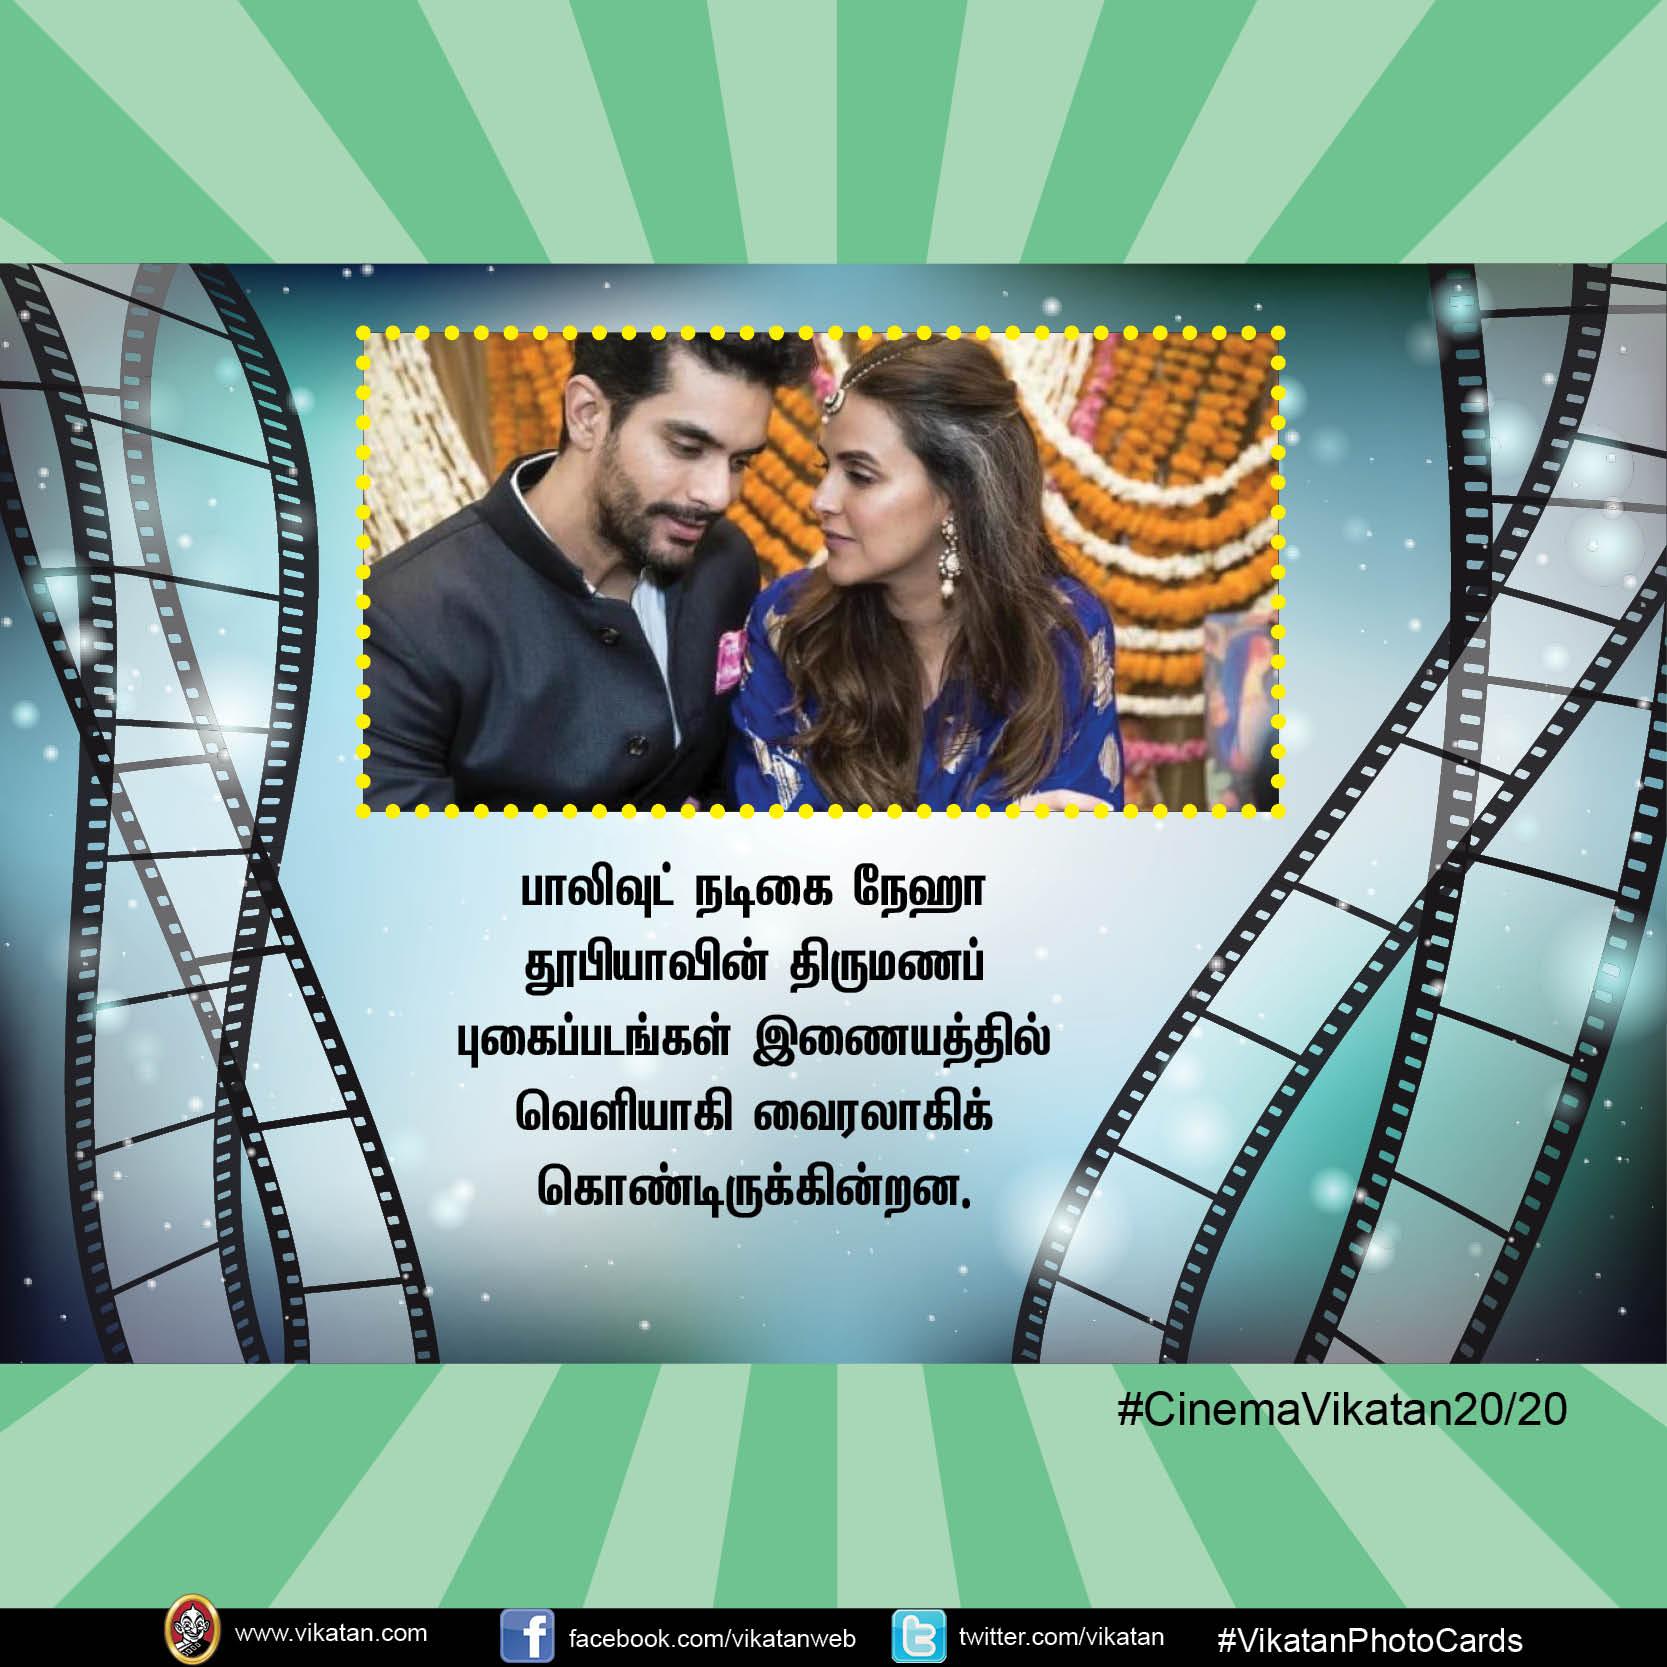 விஜய்-63 லீக்ஸ்... இரட்டை வேட விஜய் சேதுபதி! #Cinema2020